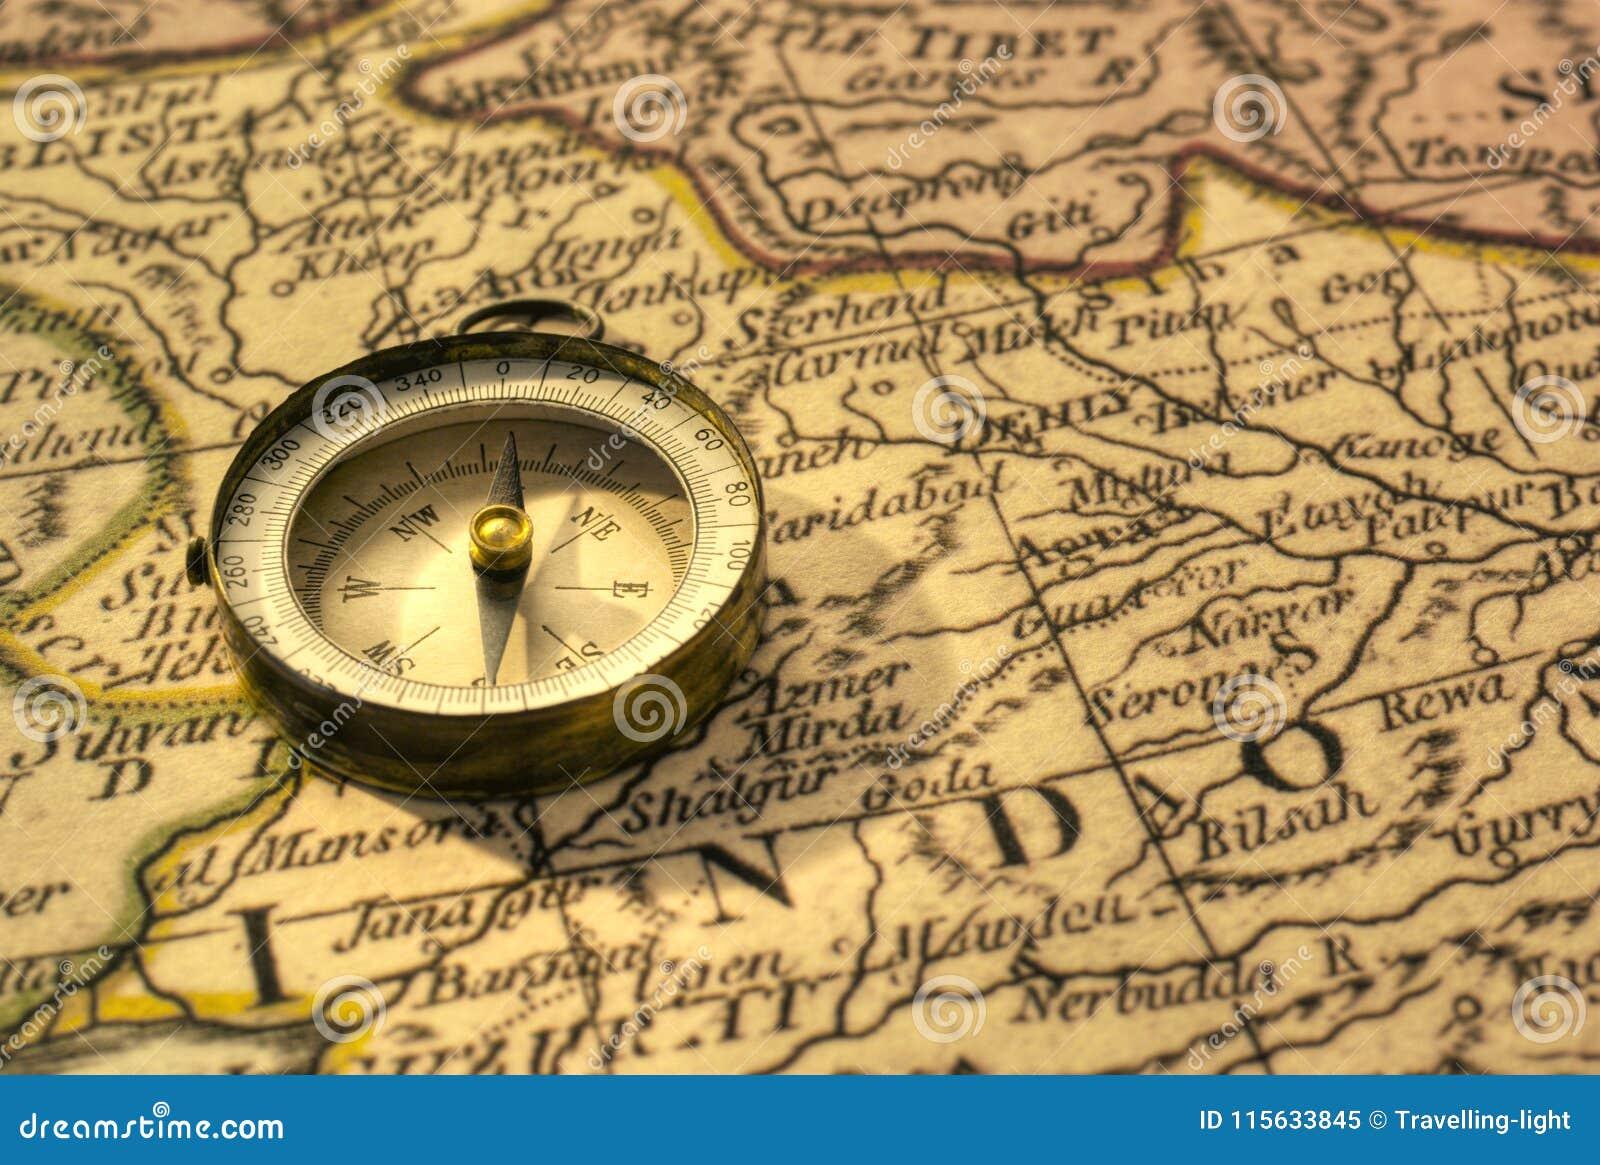 Cartina Dell India Del Nord.Bussola E Mappa Antiche Dell India Immagine Stock Immagine Di Senso Tibet 115633845